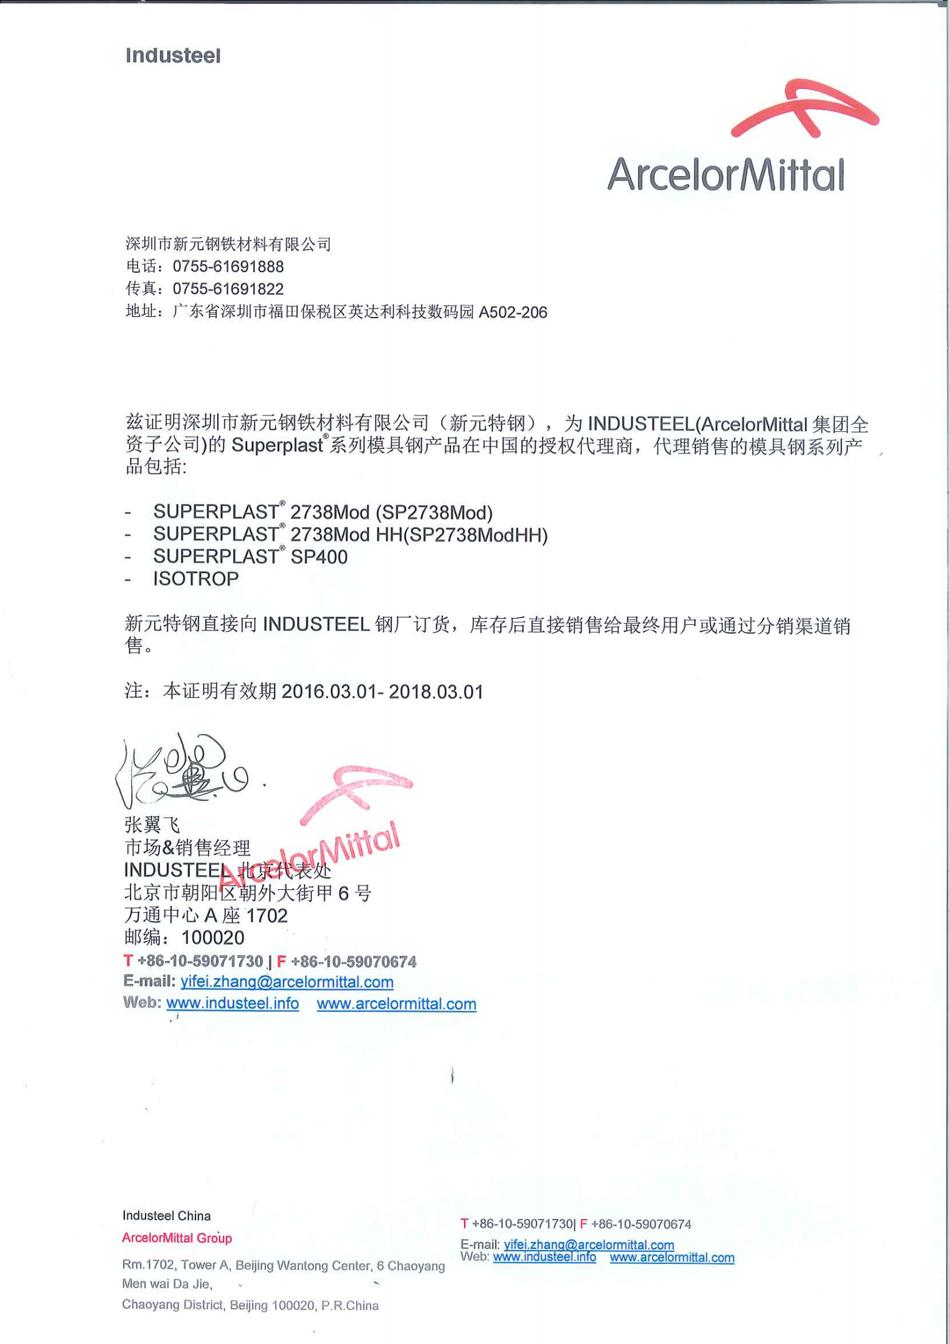 阿赛洛SP2738mod.授权证书-1